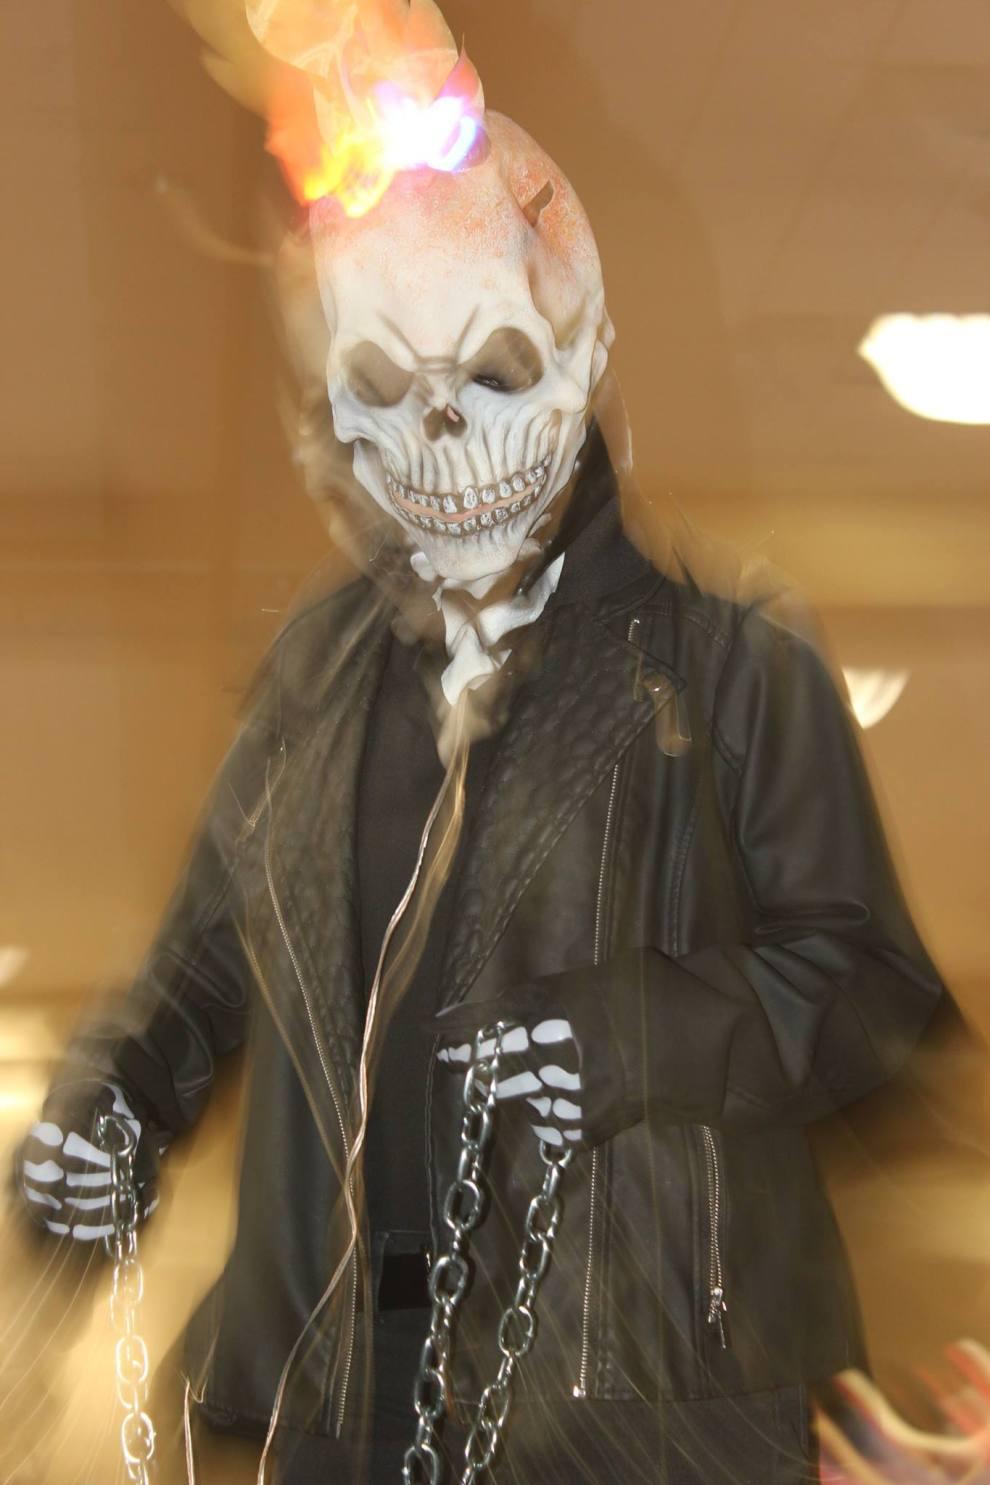 A ghastly Ghost Rider